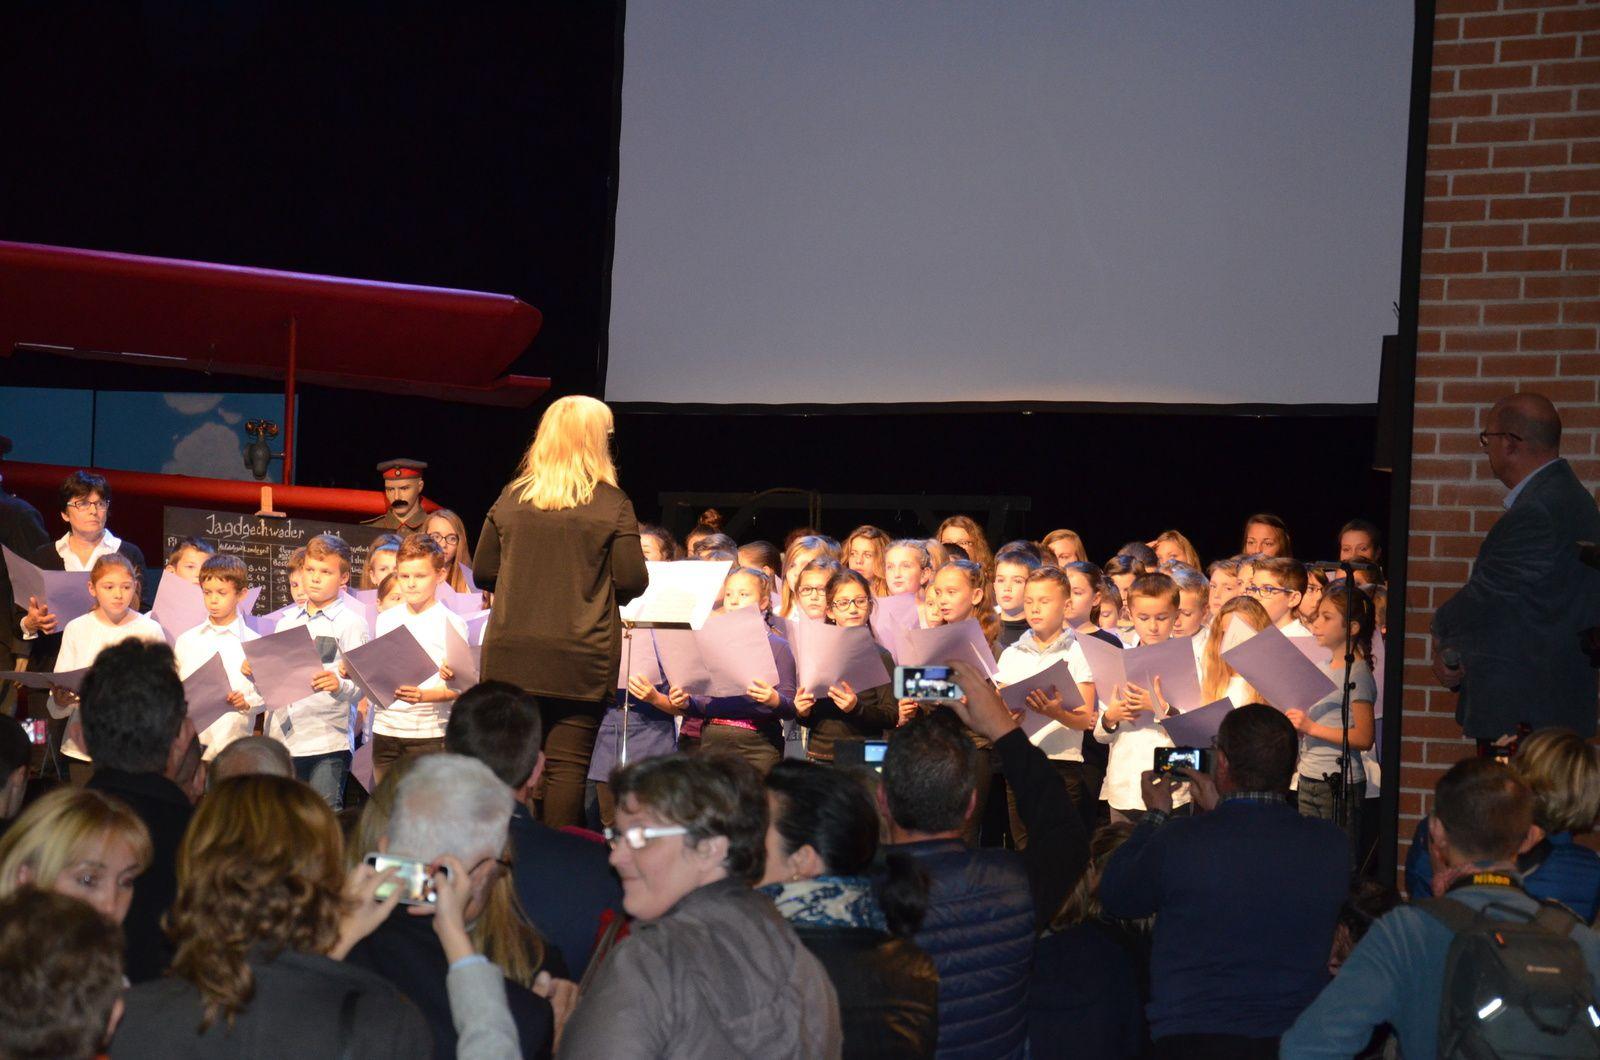 c'est à Bapaume du 28 octobre au 30 octobre à la Salle Isabelle de Hainaut